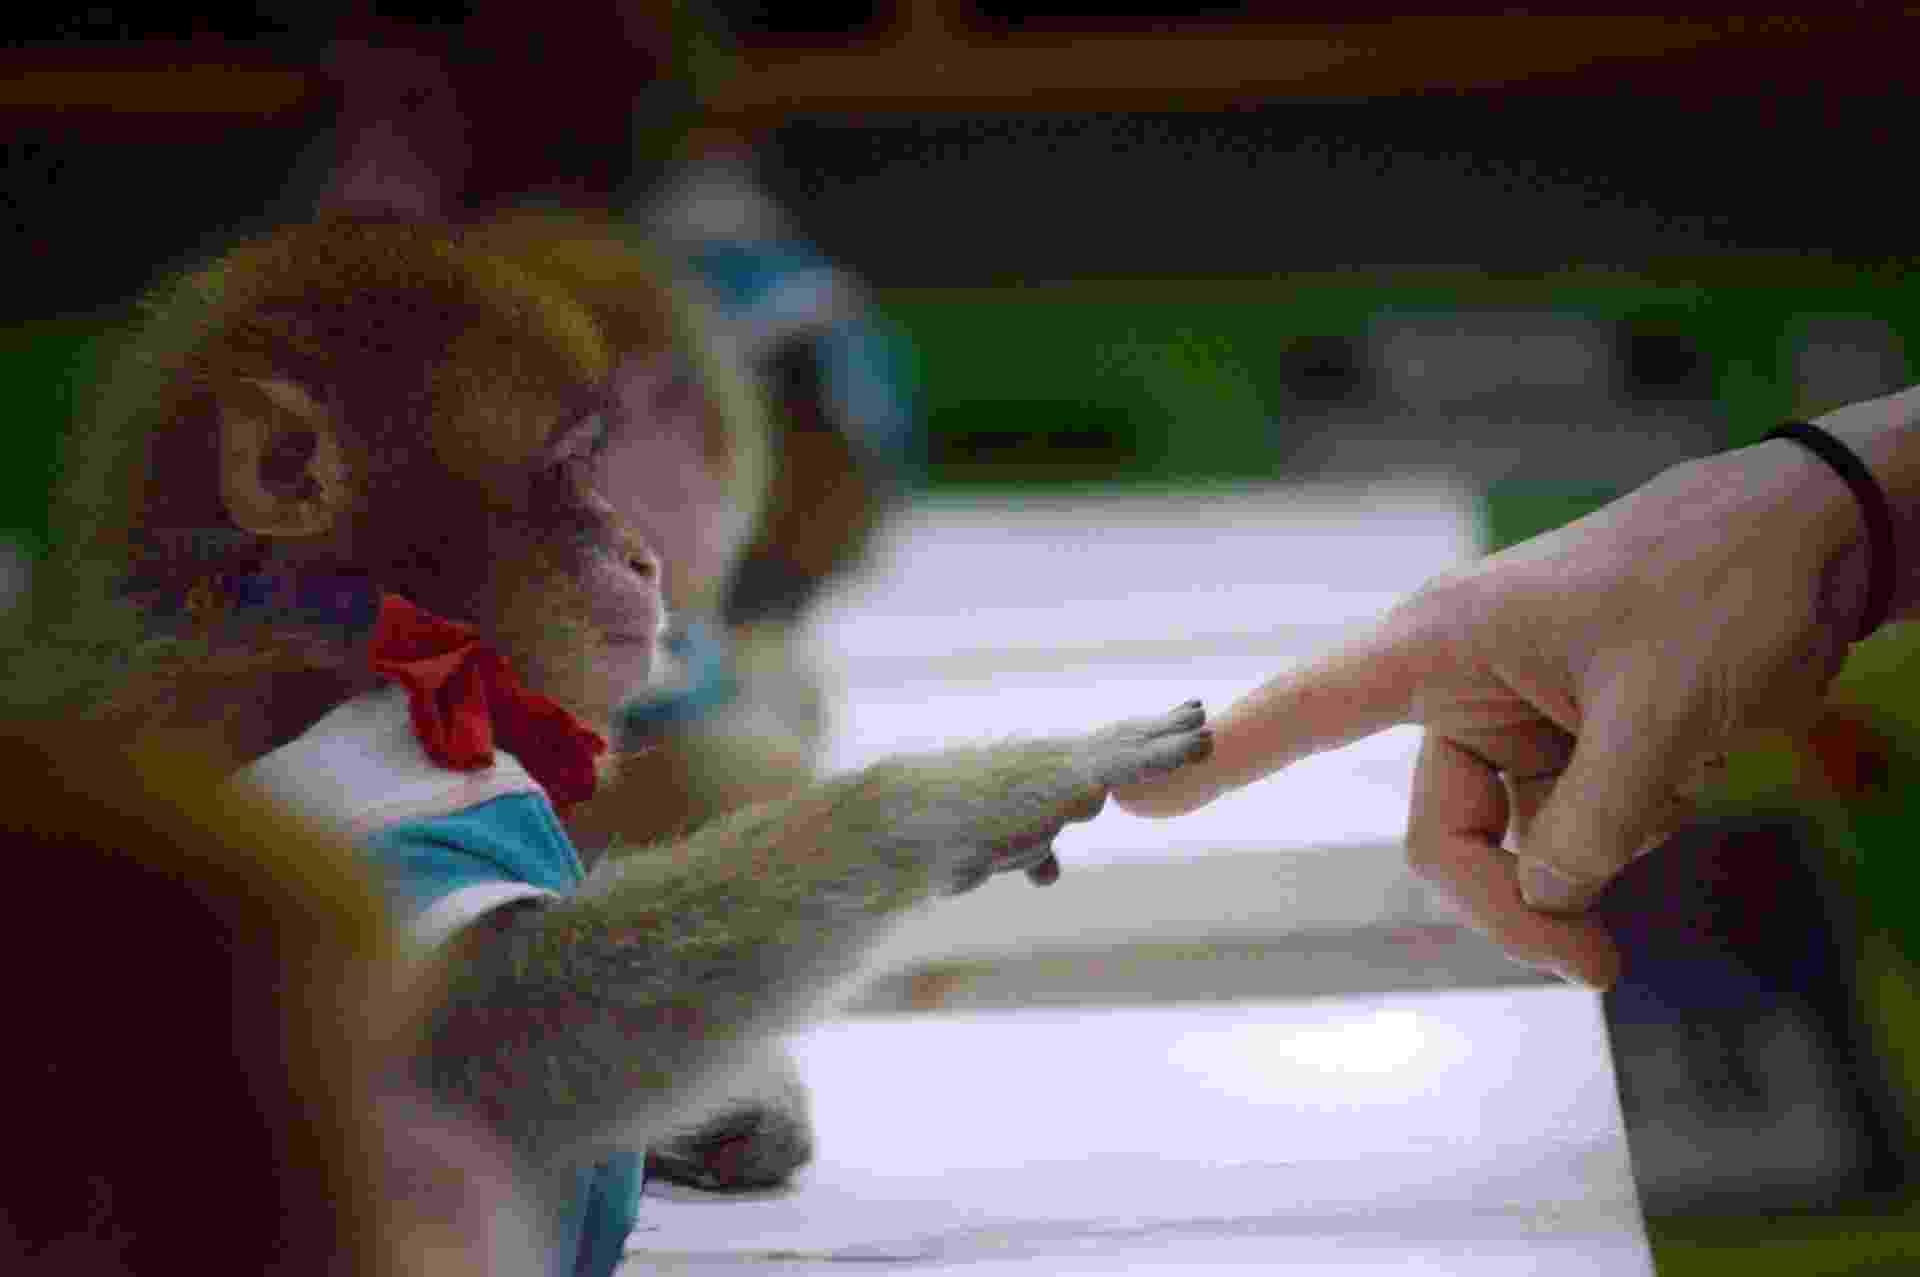 Macacos são treinados em sala de aula do zoológico chinês de Dongying. Eles se apresentarão em comemoração ao Ano Novo Chinês do macaco. - Wang Zhao/AFP